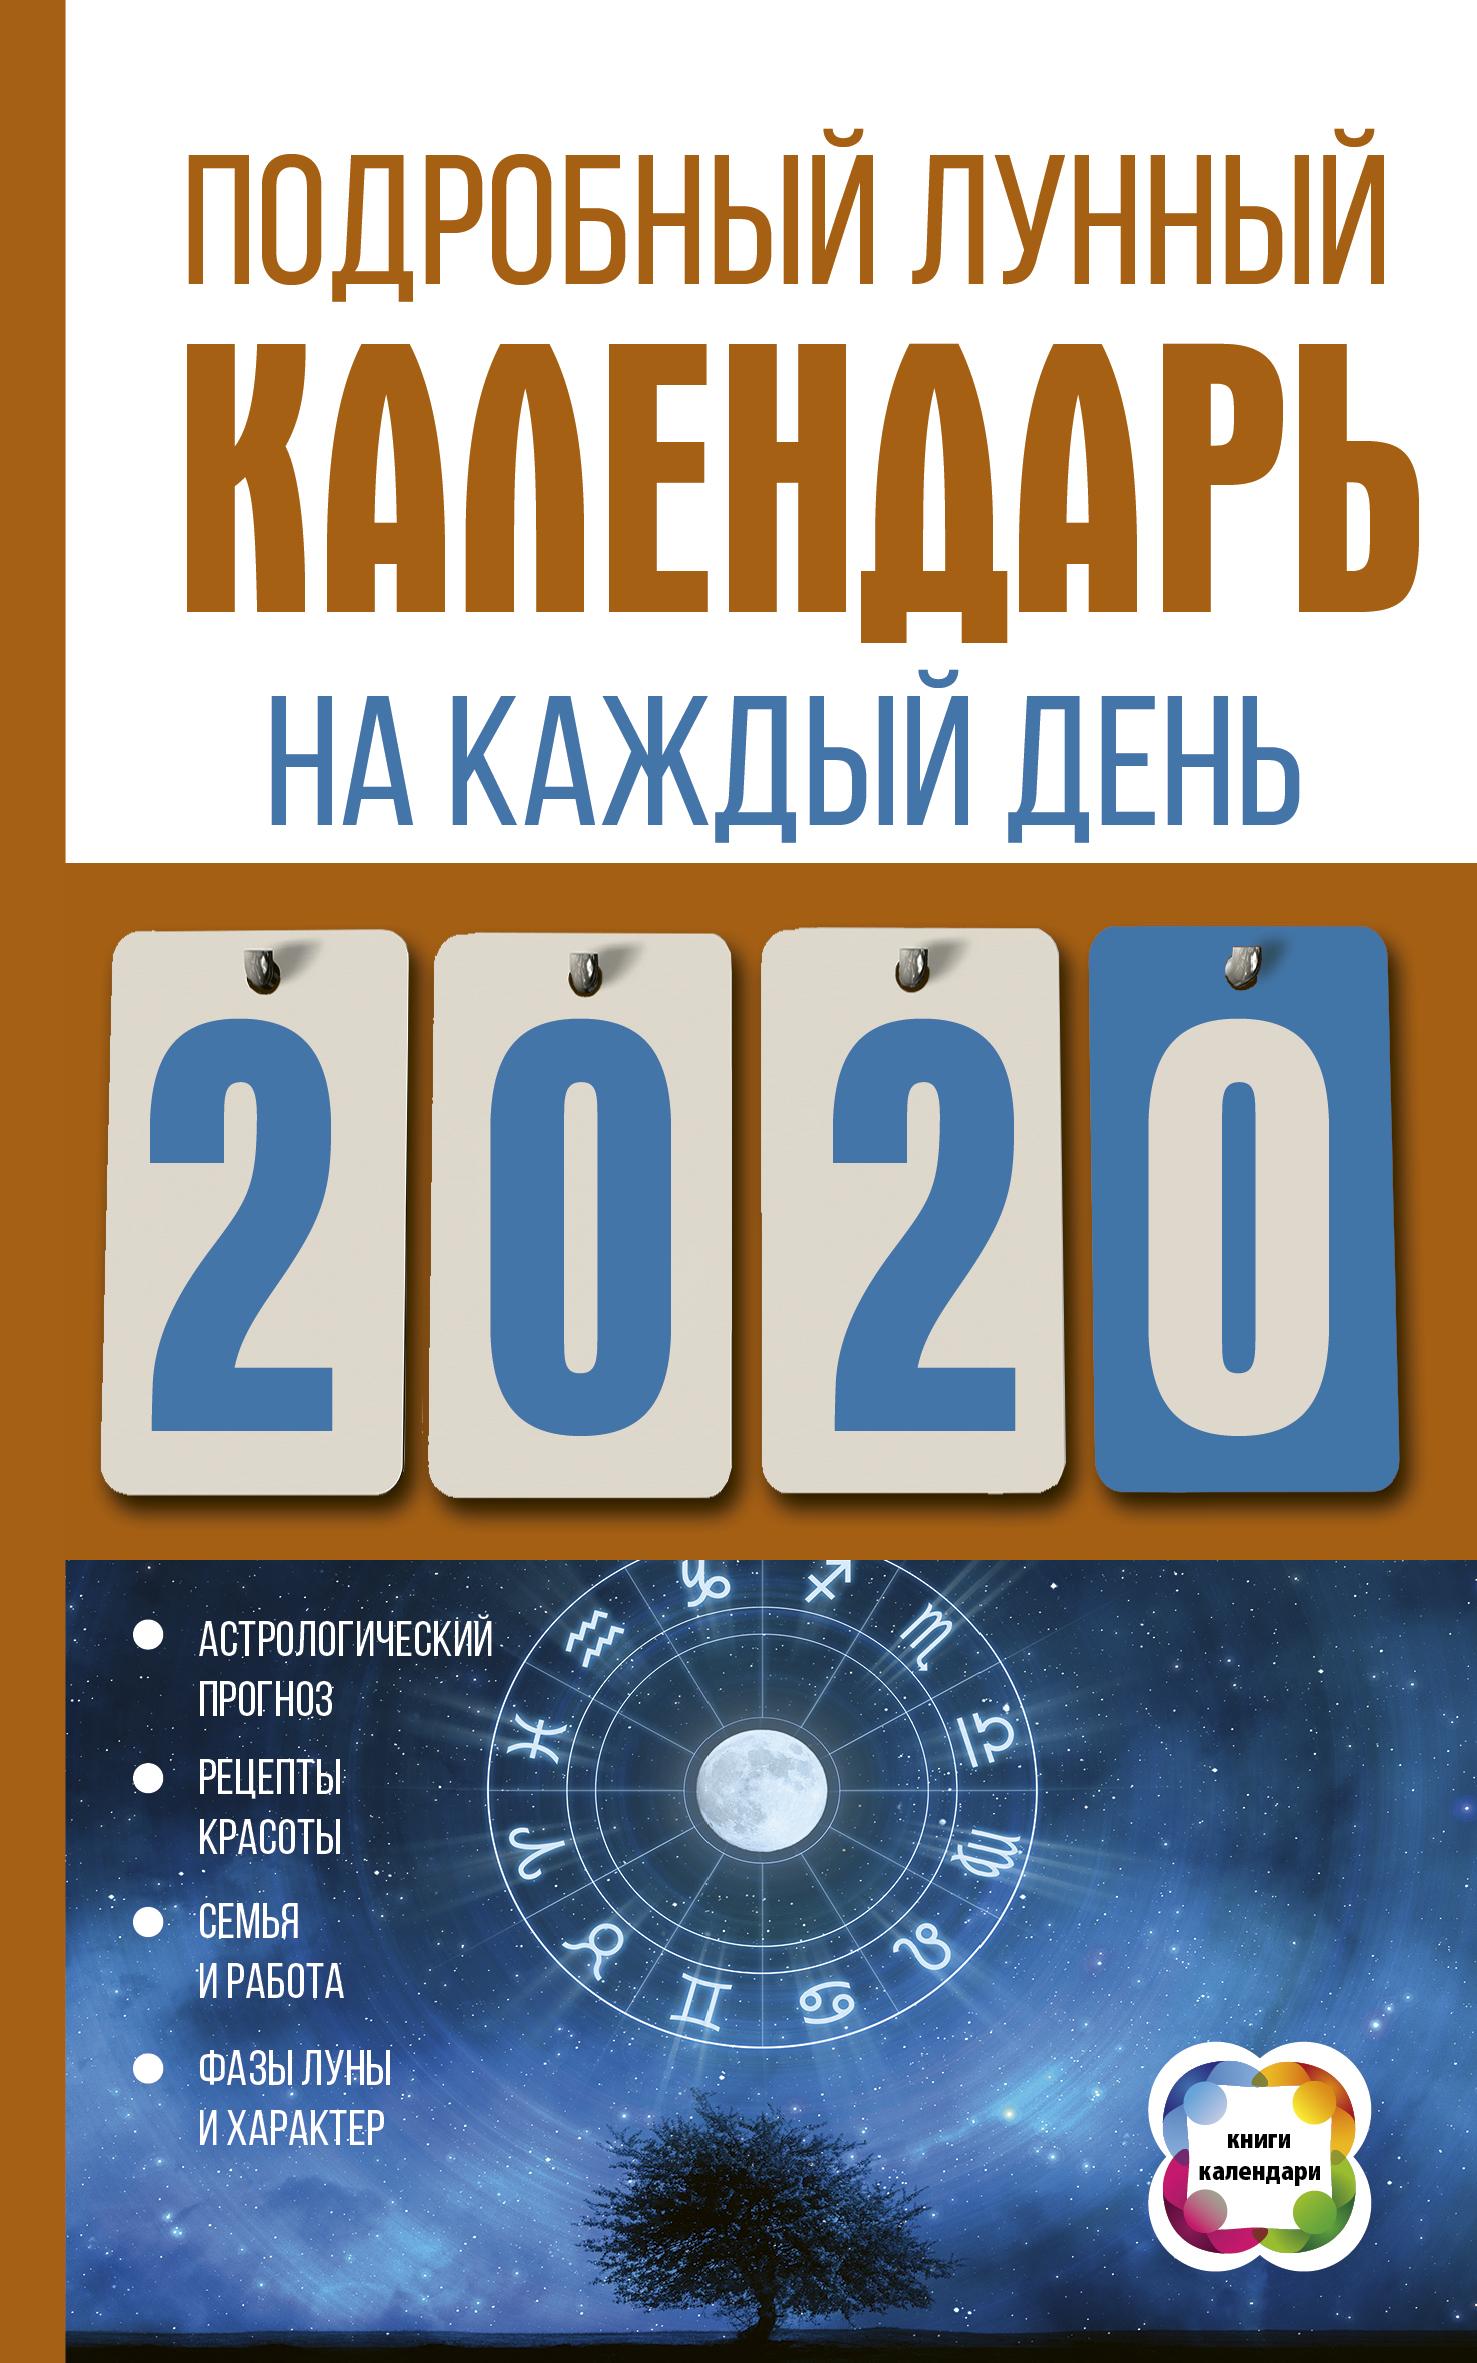 Виноградова Н. Подробный лунный календарь на каждый день 2020 года семенова а большая книга луны благоприятный прогноз на каждый день